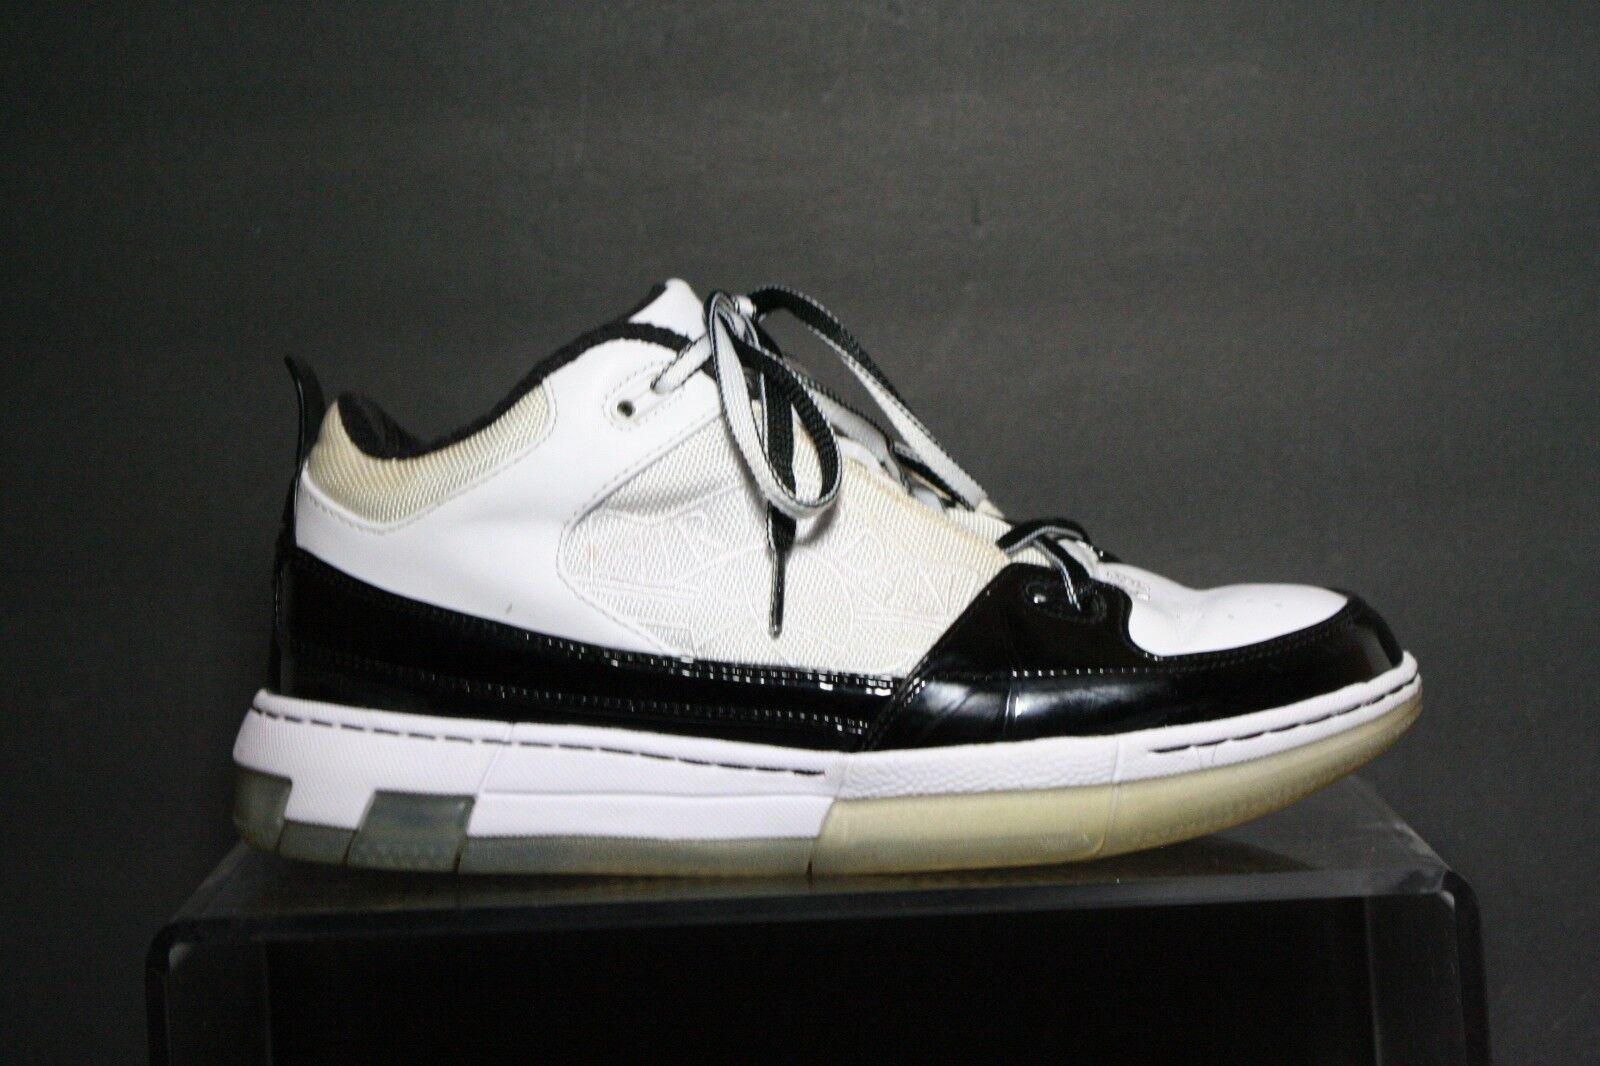 Nike Air Jordan ol hombres School II bajo patente hombres ol 8,5 deportivo de baloncesto 2018 multi estacional de recortes de precios, beneficios de descuentos 7d7124